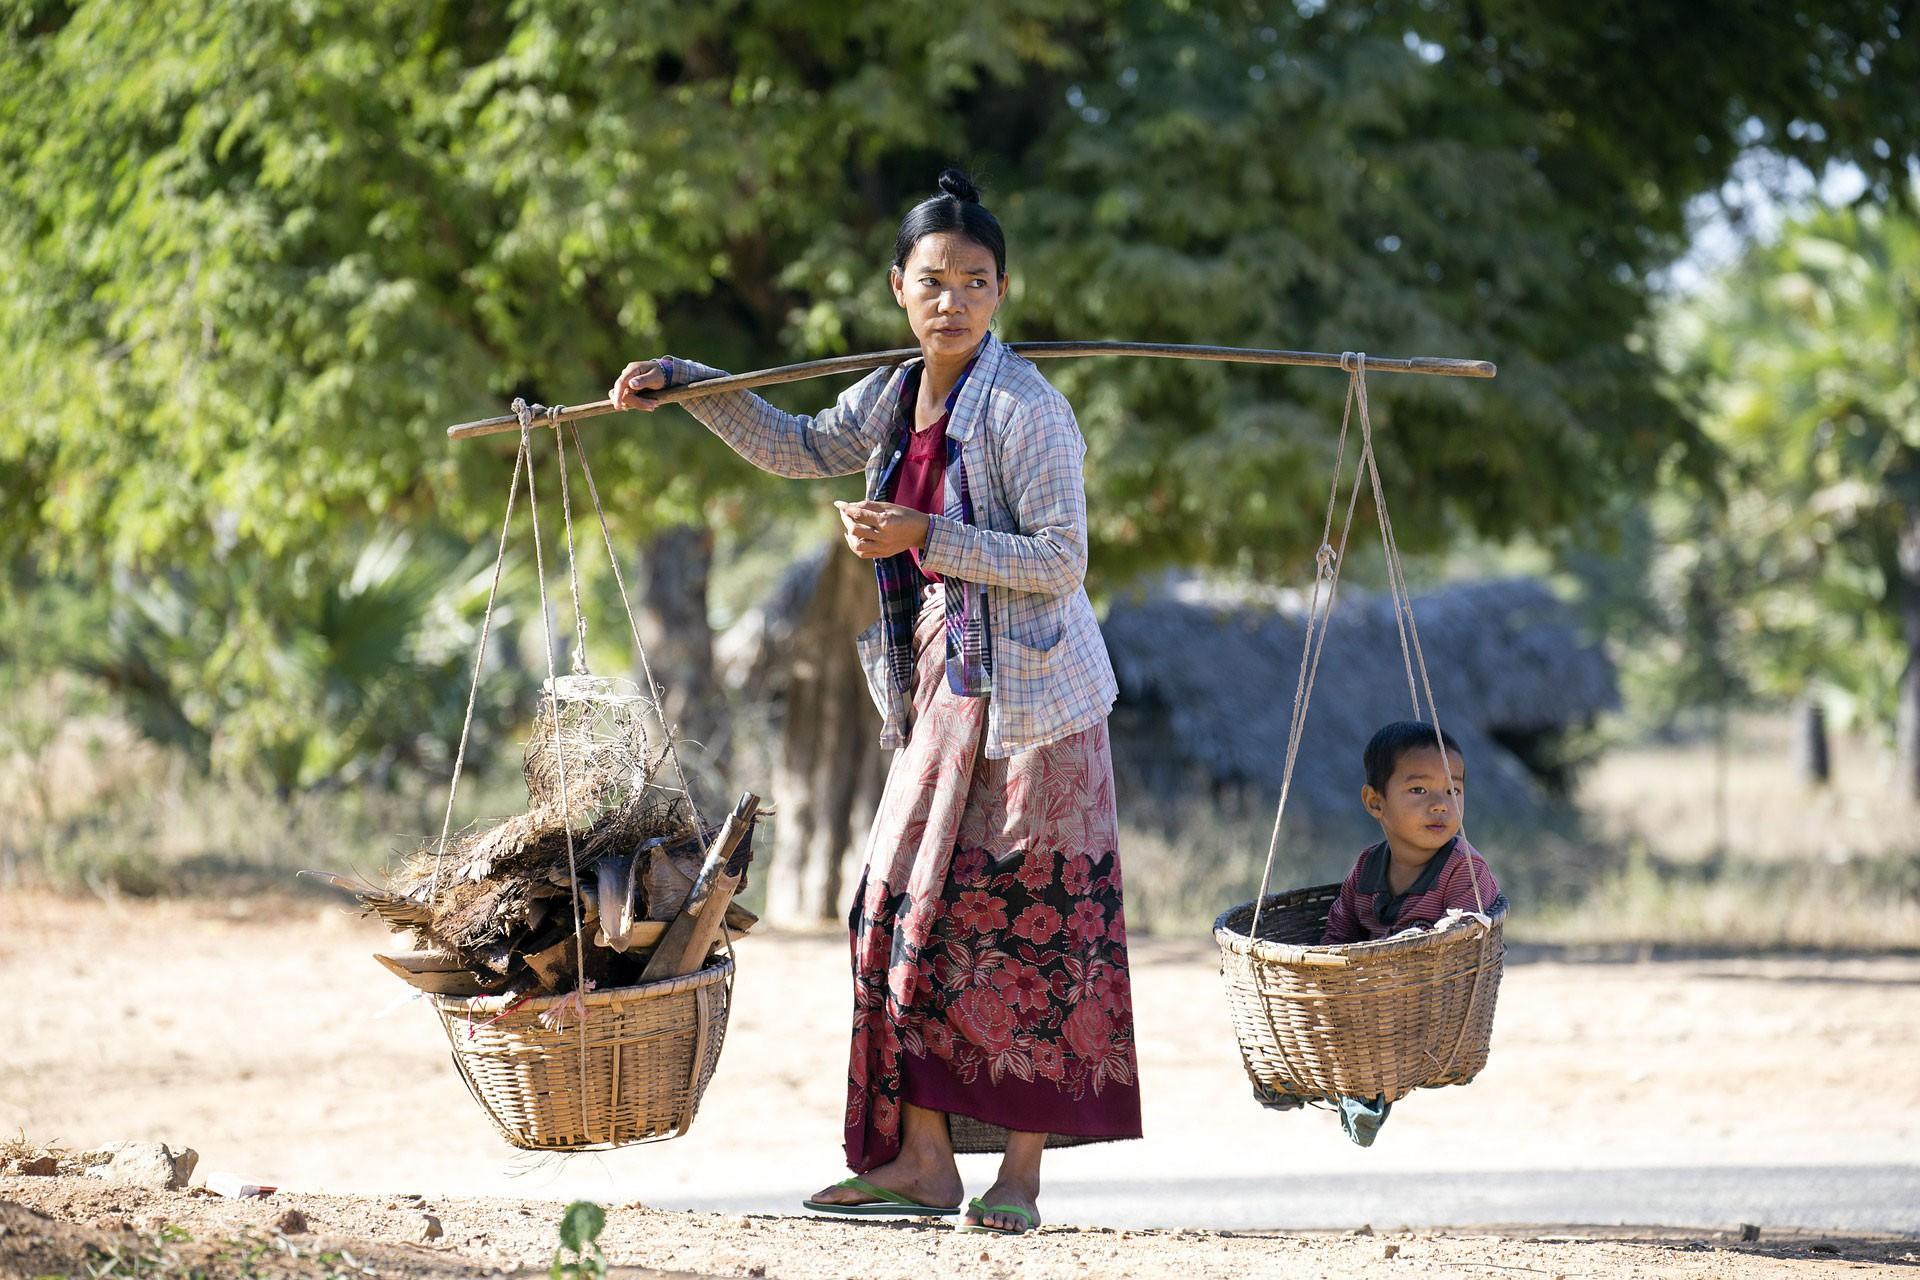 Myanmarlı bir kadın uzun bir çubuğa bağlı sepetlerin birinde odun, diğerinde çocuğunu taşıyor.